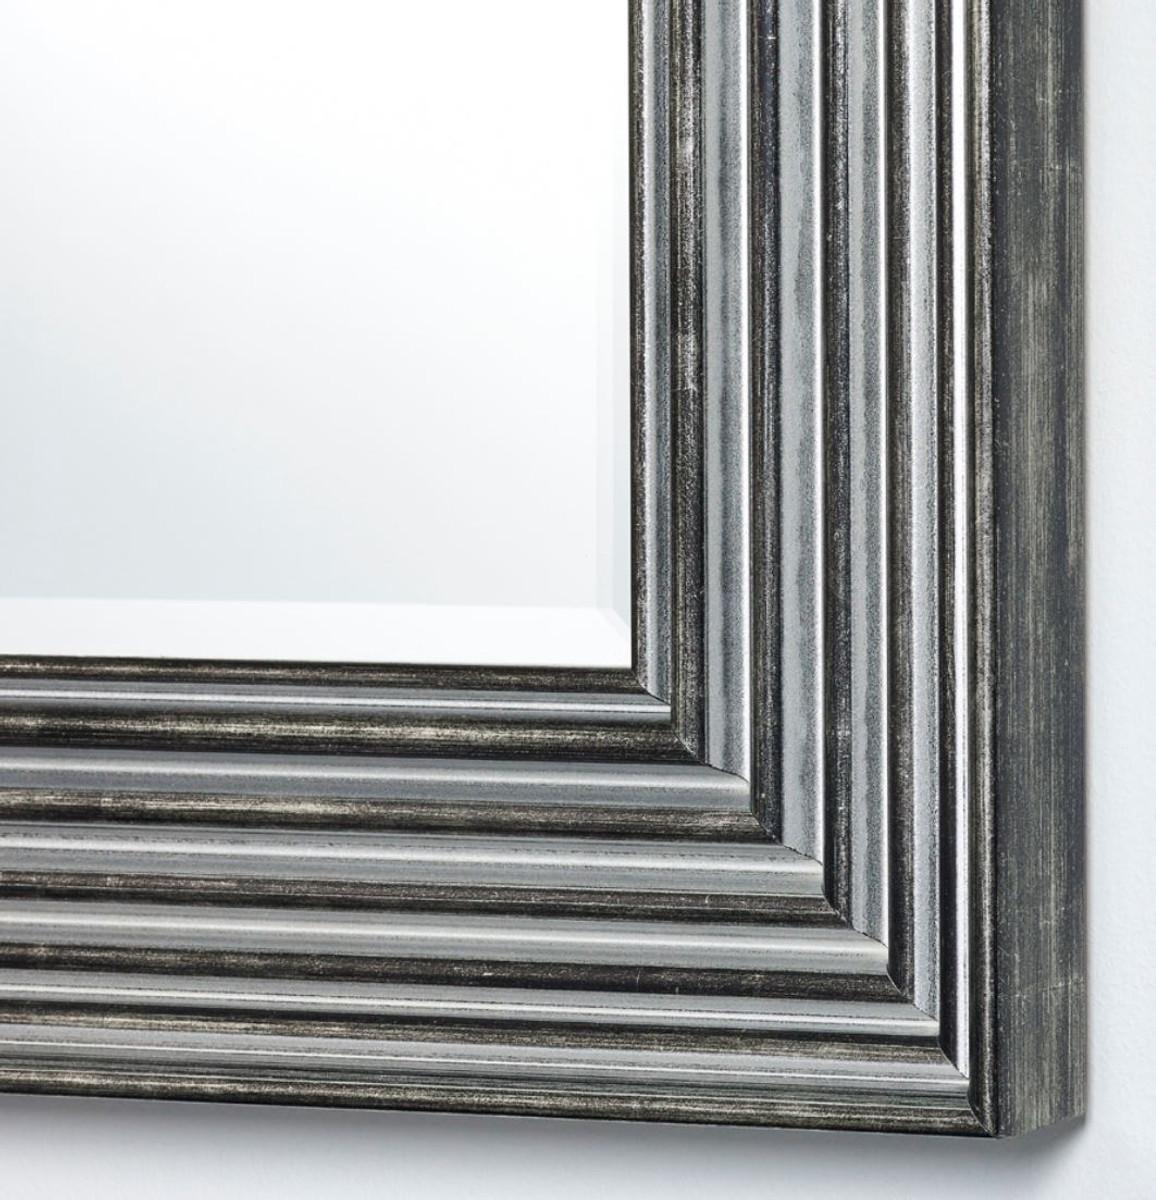 Casa Padrino Luxus Wohnzimmer Spiegel Silber / Schwarz 7 x H. 7 cm -  Wohnzimmer Accessoires